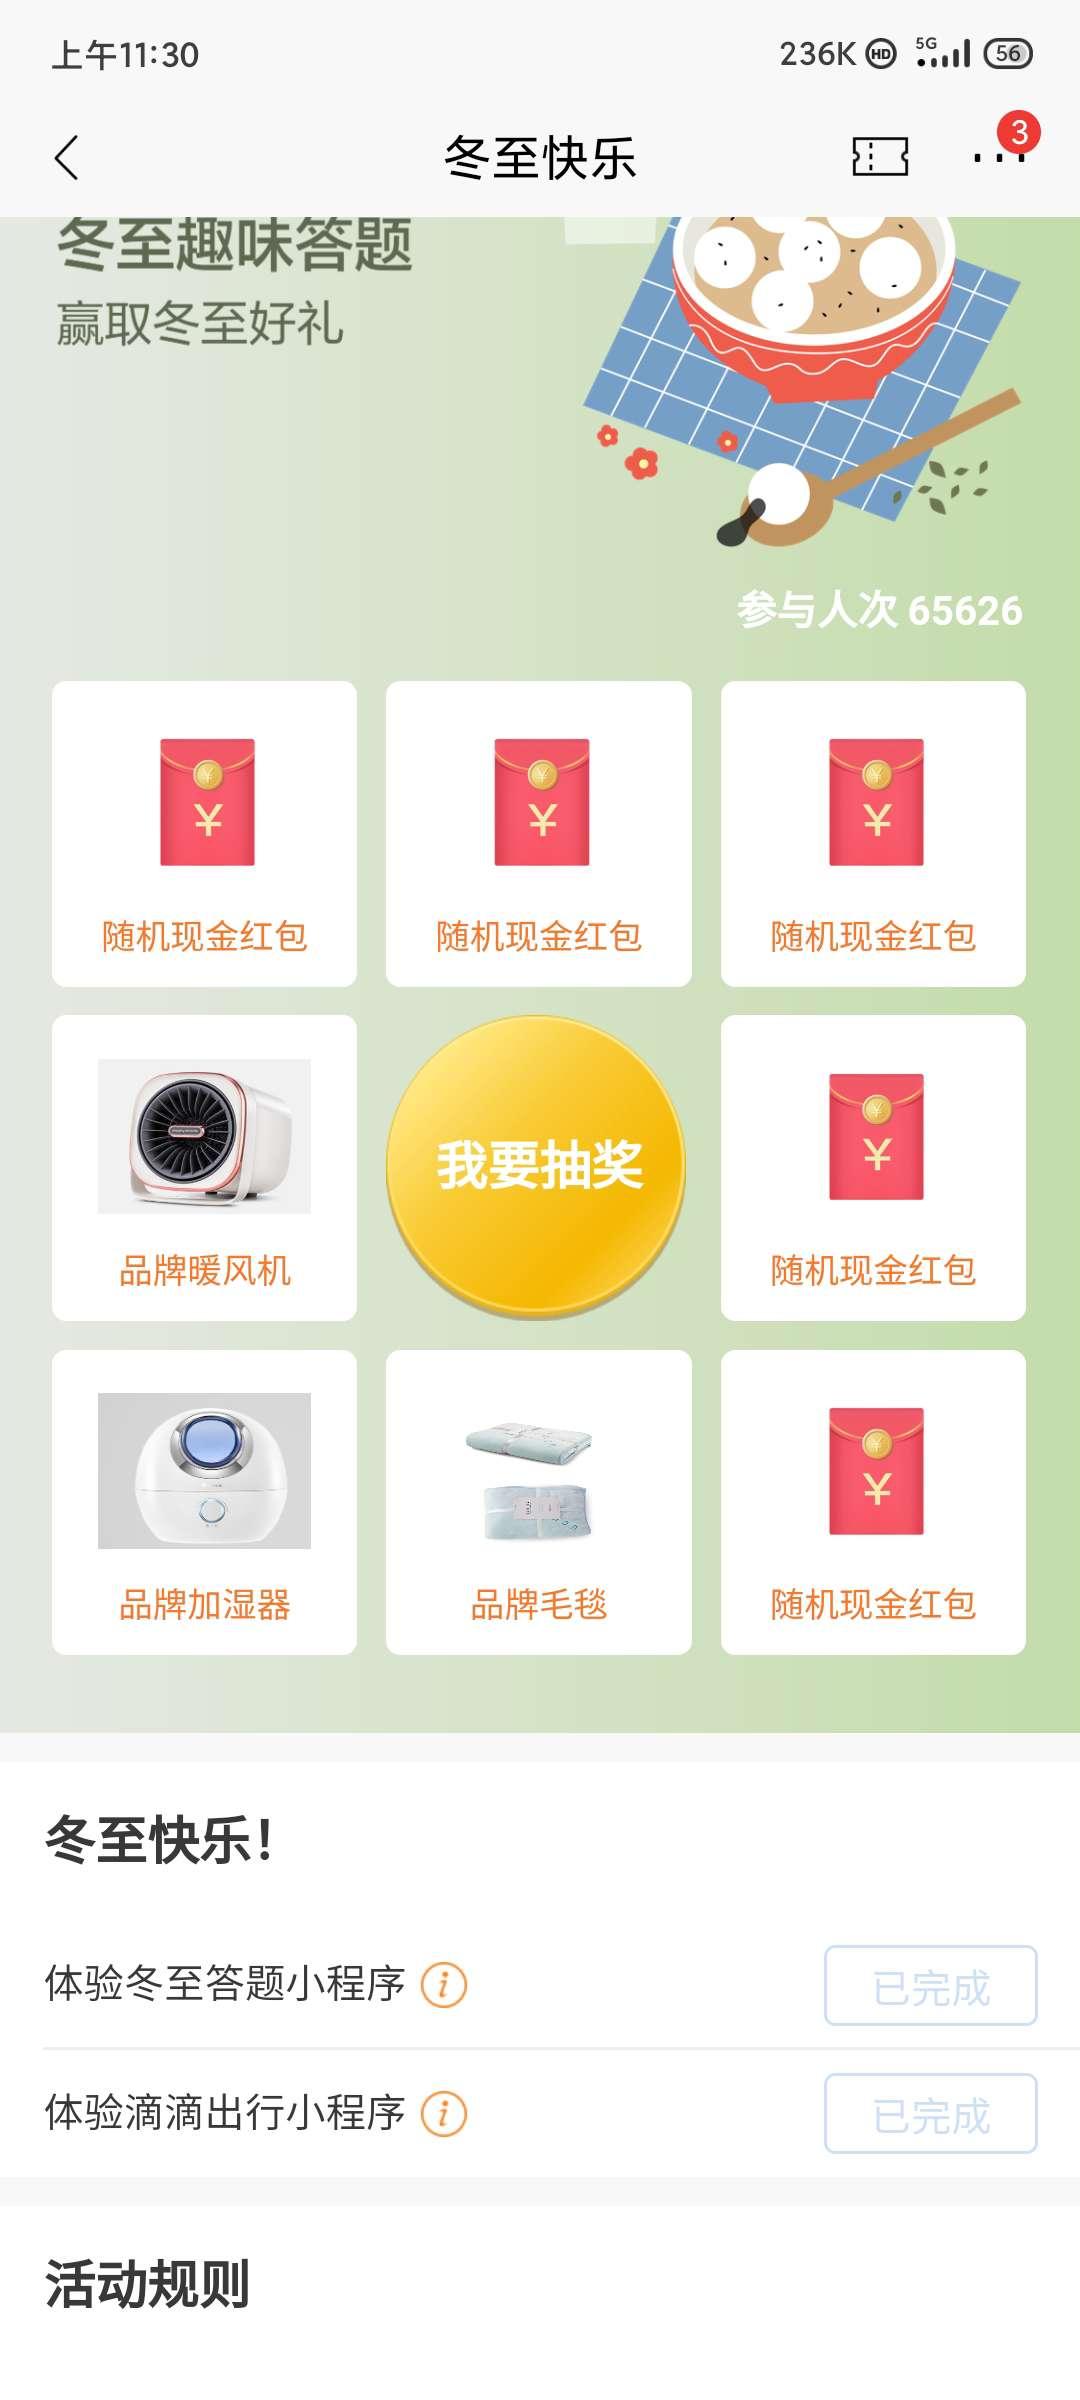 图片[1]-招商银行app冬至快乐领红包-老友薅羊毛活动线报网